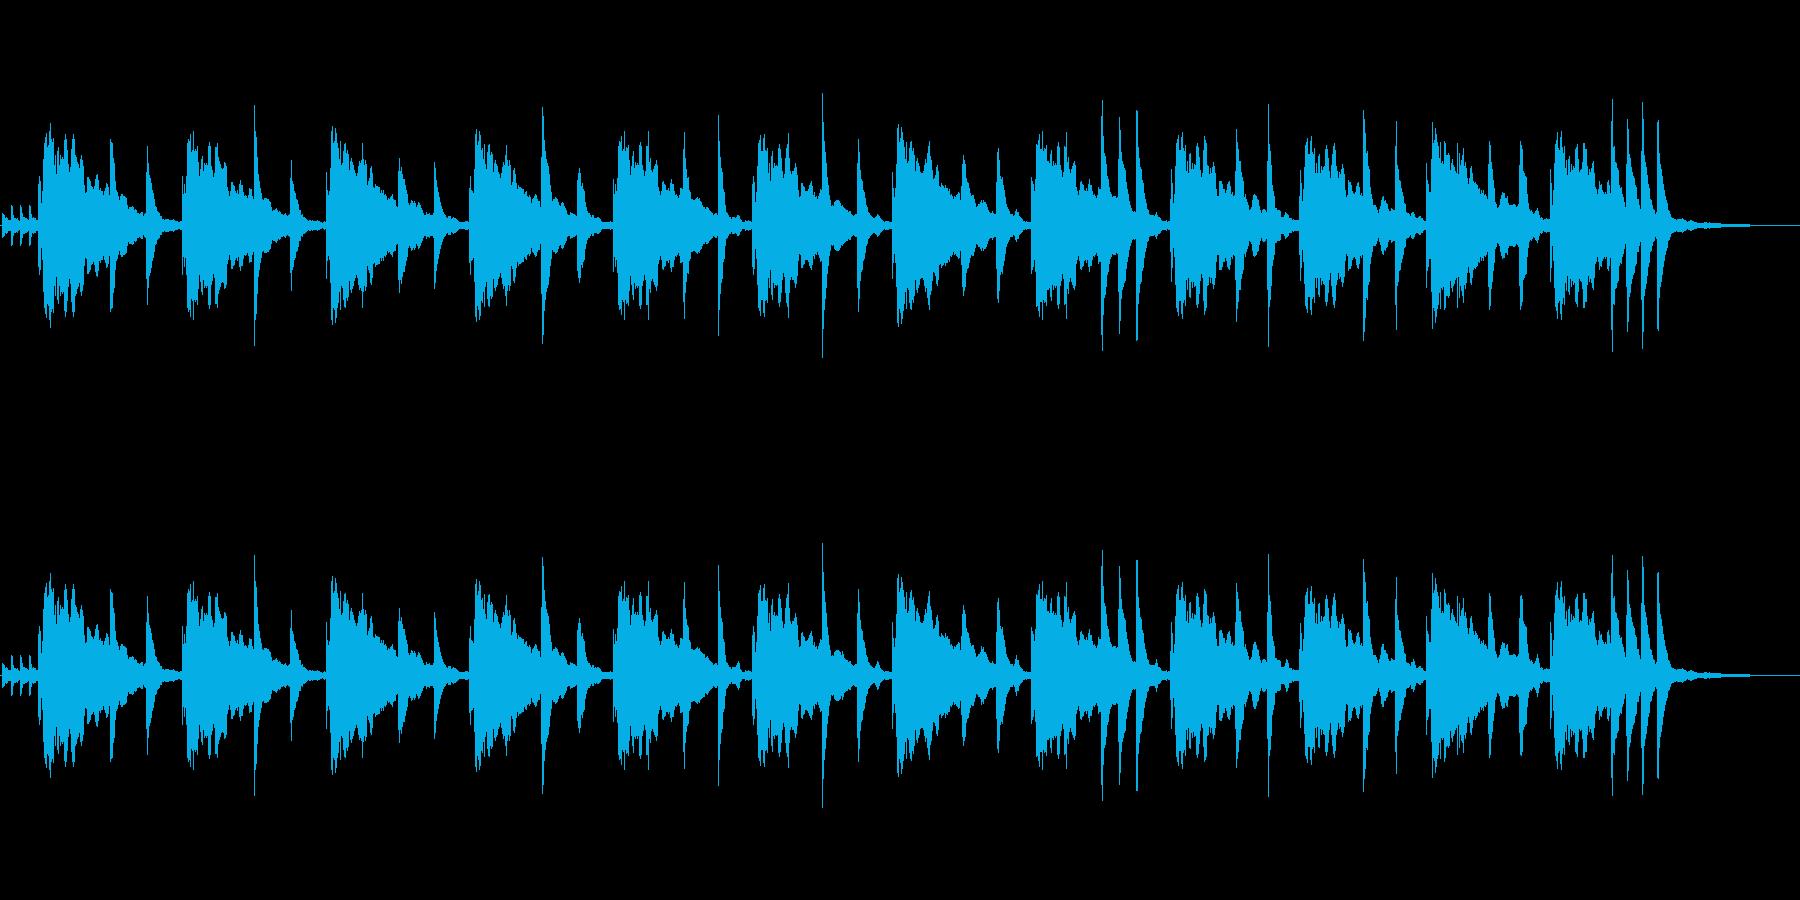 クイズの考え中(シンキングタイム)の曲の再生済みの波形